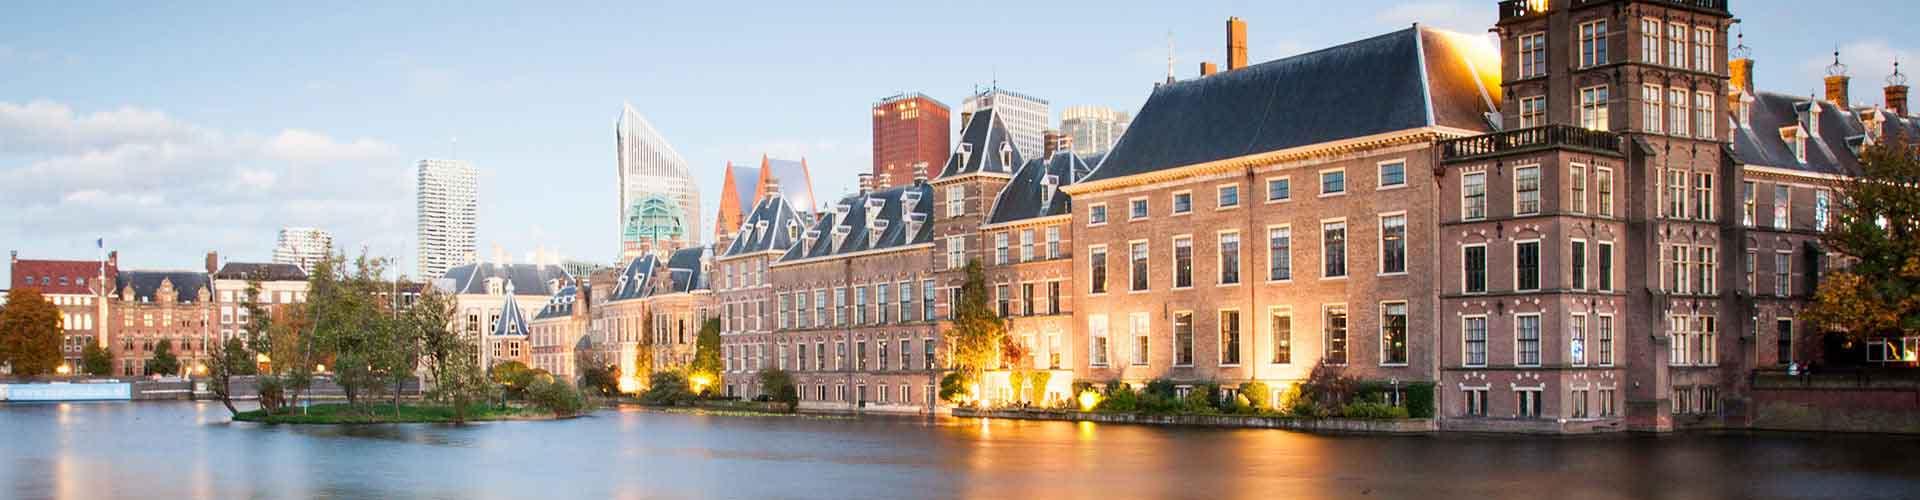 デンハーグ – 部屋 デンハーグ. 地図 デンハーグ, すべてのホステルの写真とレビュー デンハーグ.